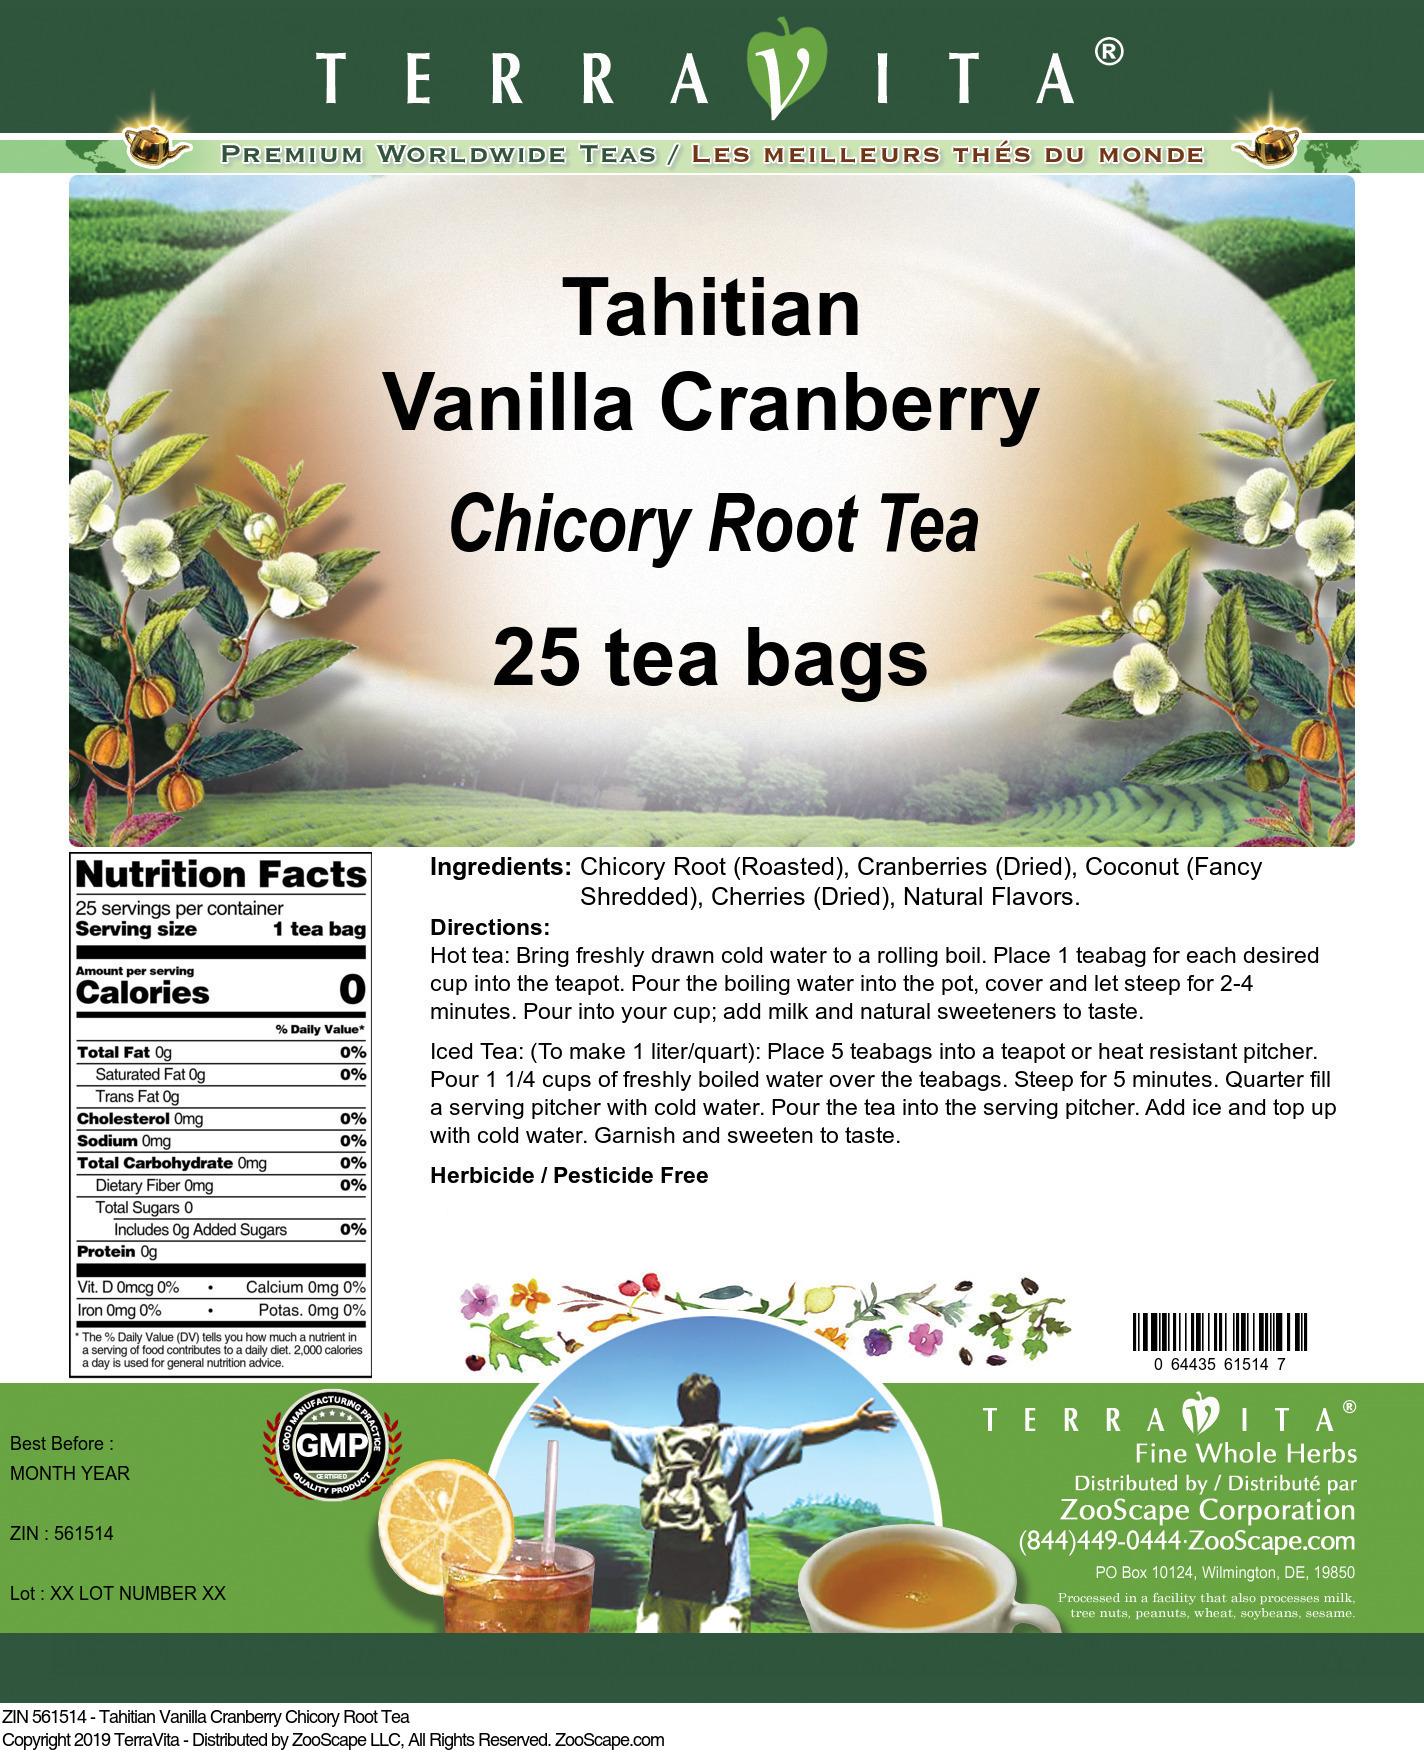 Tahitian Vanilla Cranberry Chicory Root